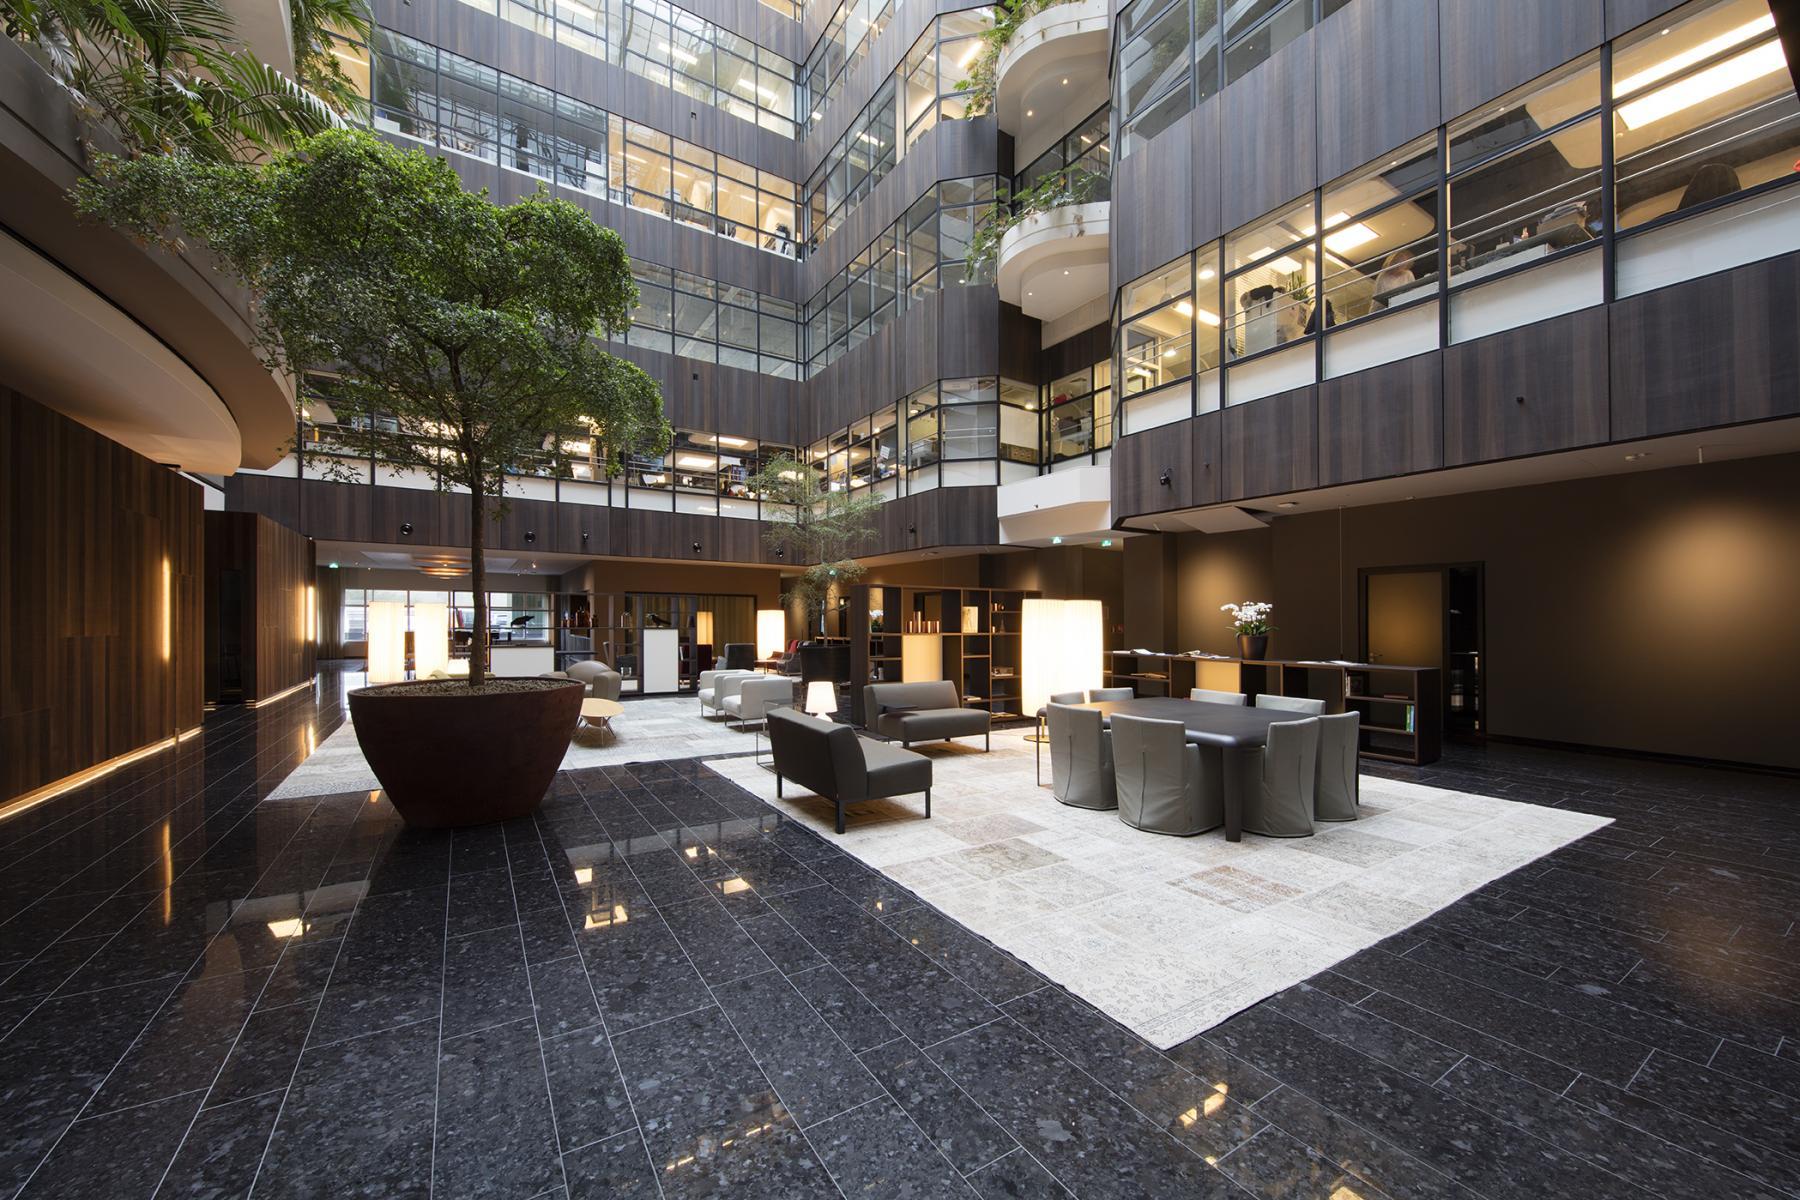 sociaalhart lounge stoelen werkplek bank plant open ruimte